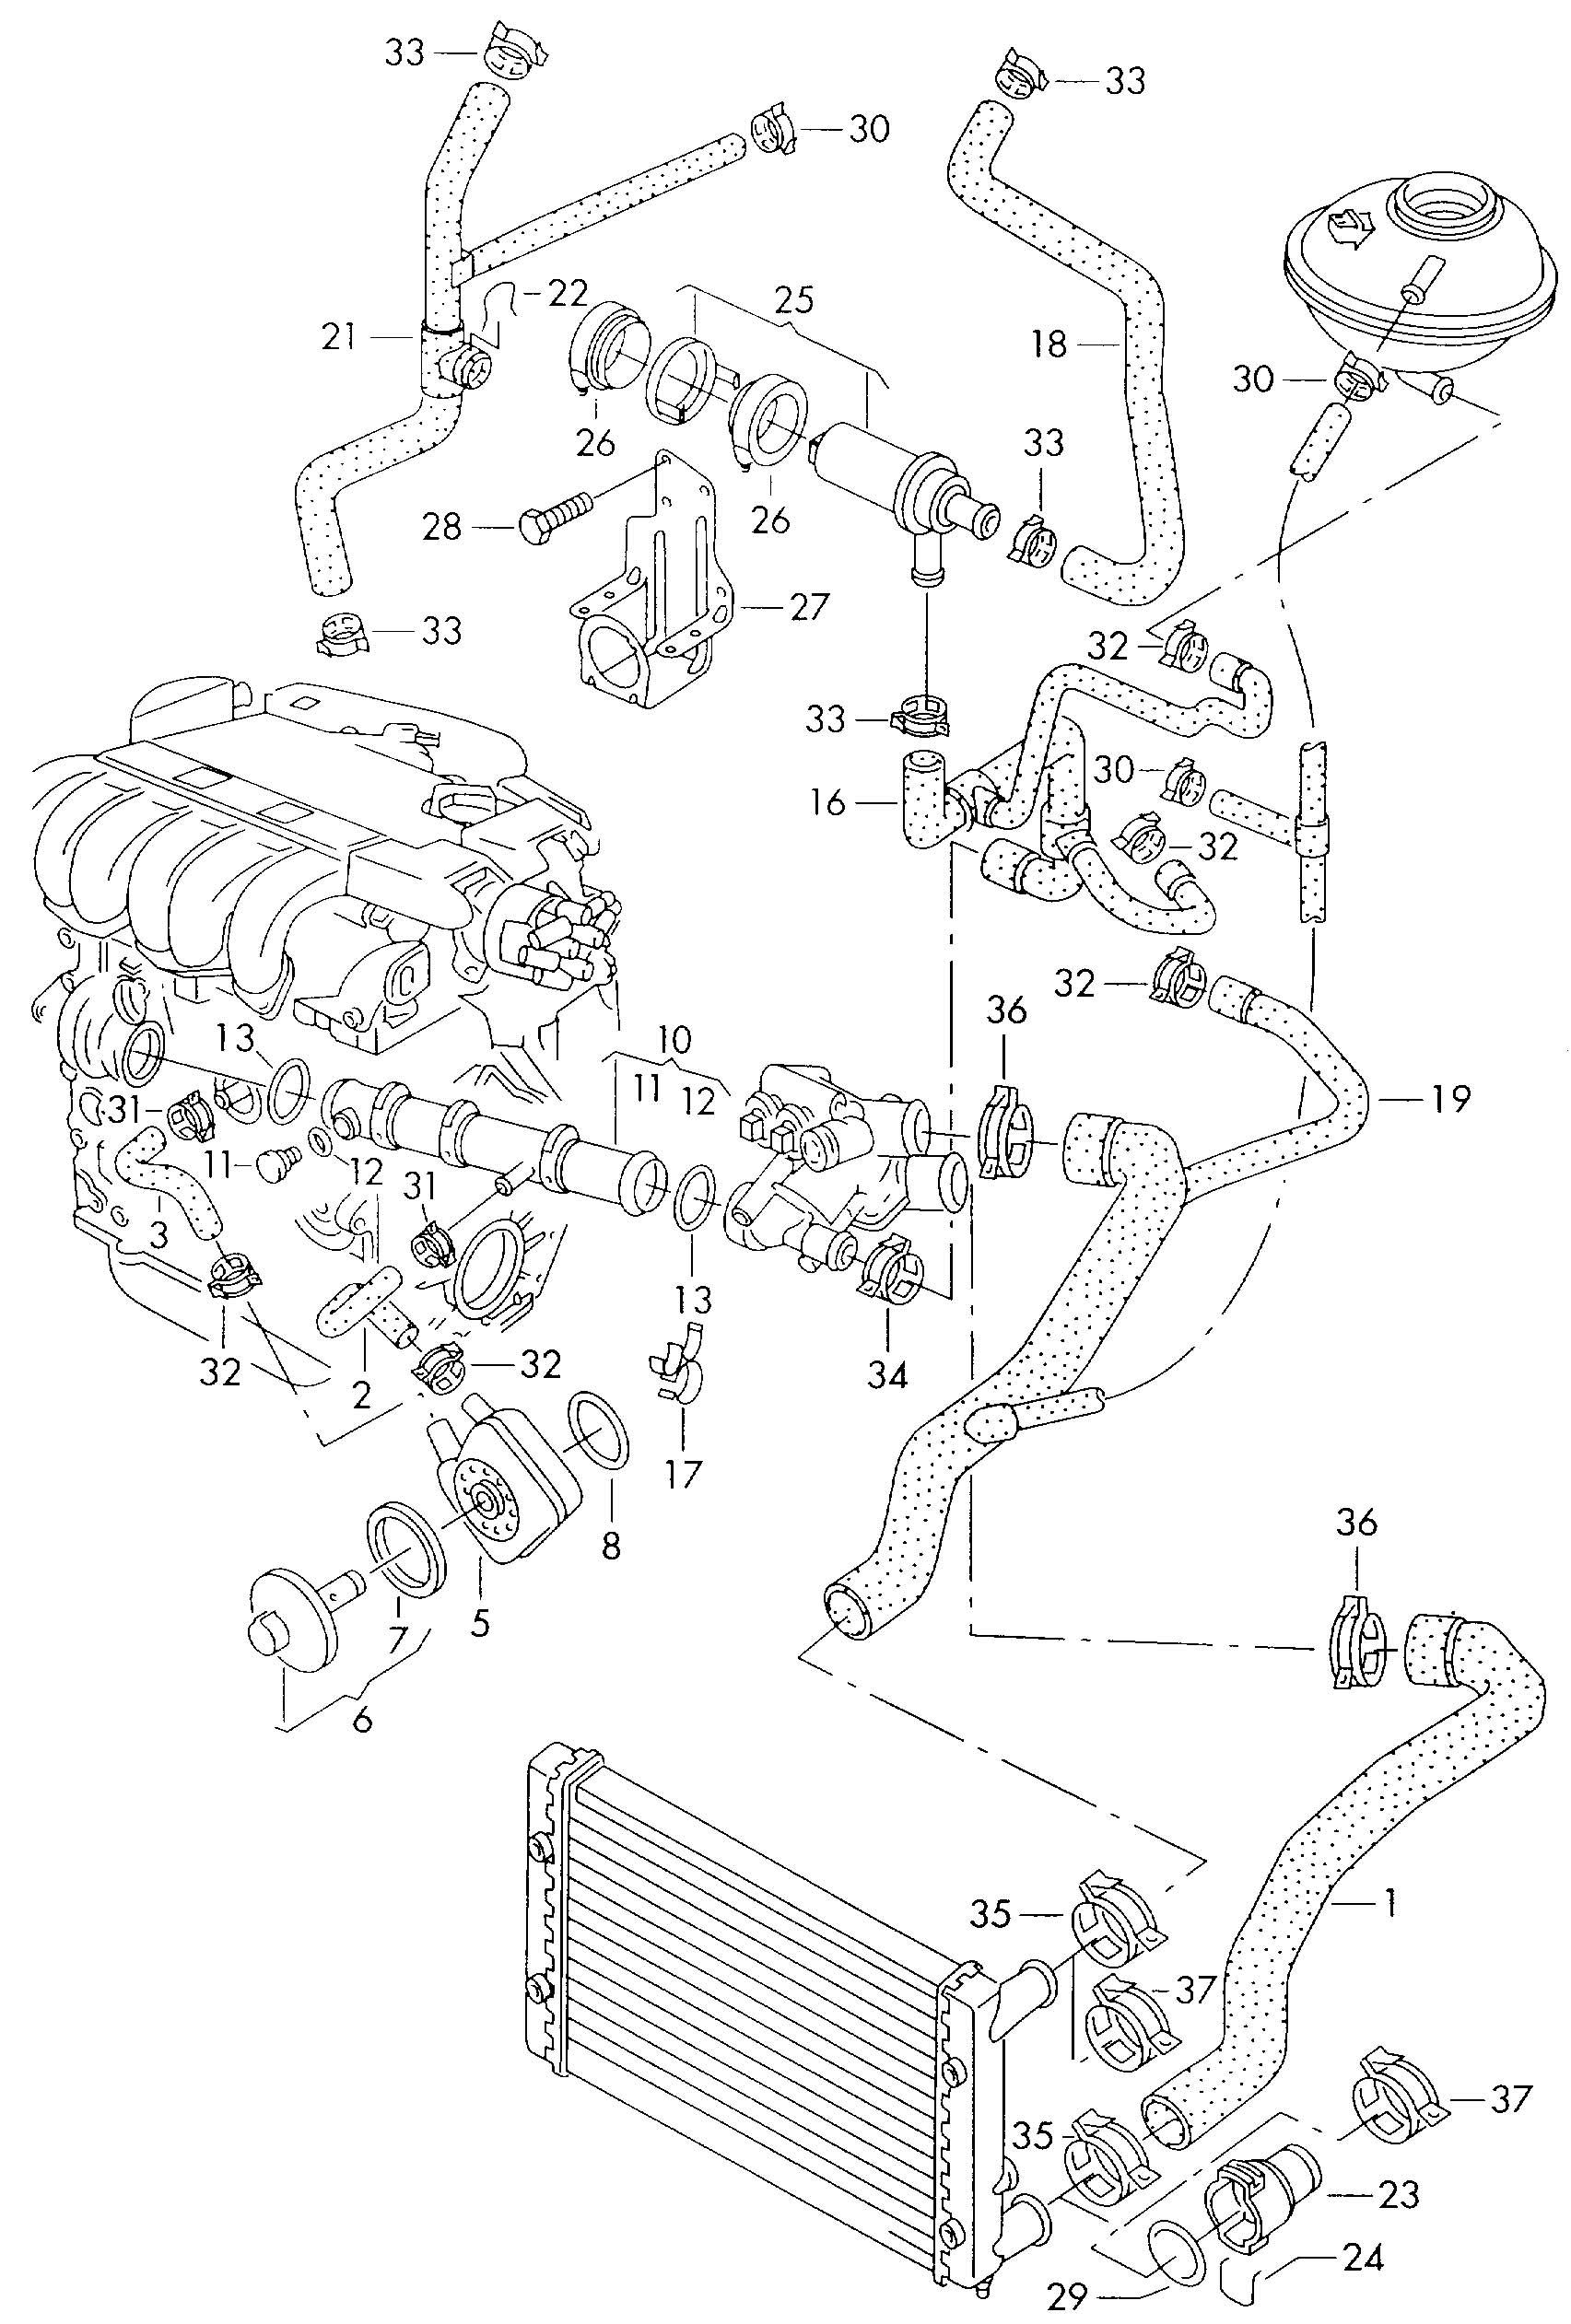 volkswagen vr6 coolant system diagram - wiring diagram brown-inspection-a -  brown-inspection-a.consorziofiuggiturismo.it  consorziofiuggiturismo.it